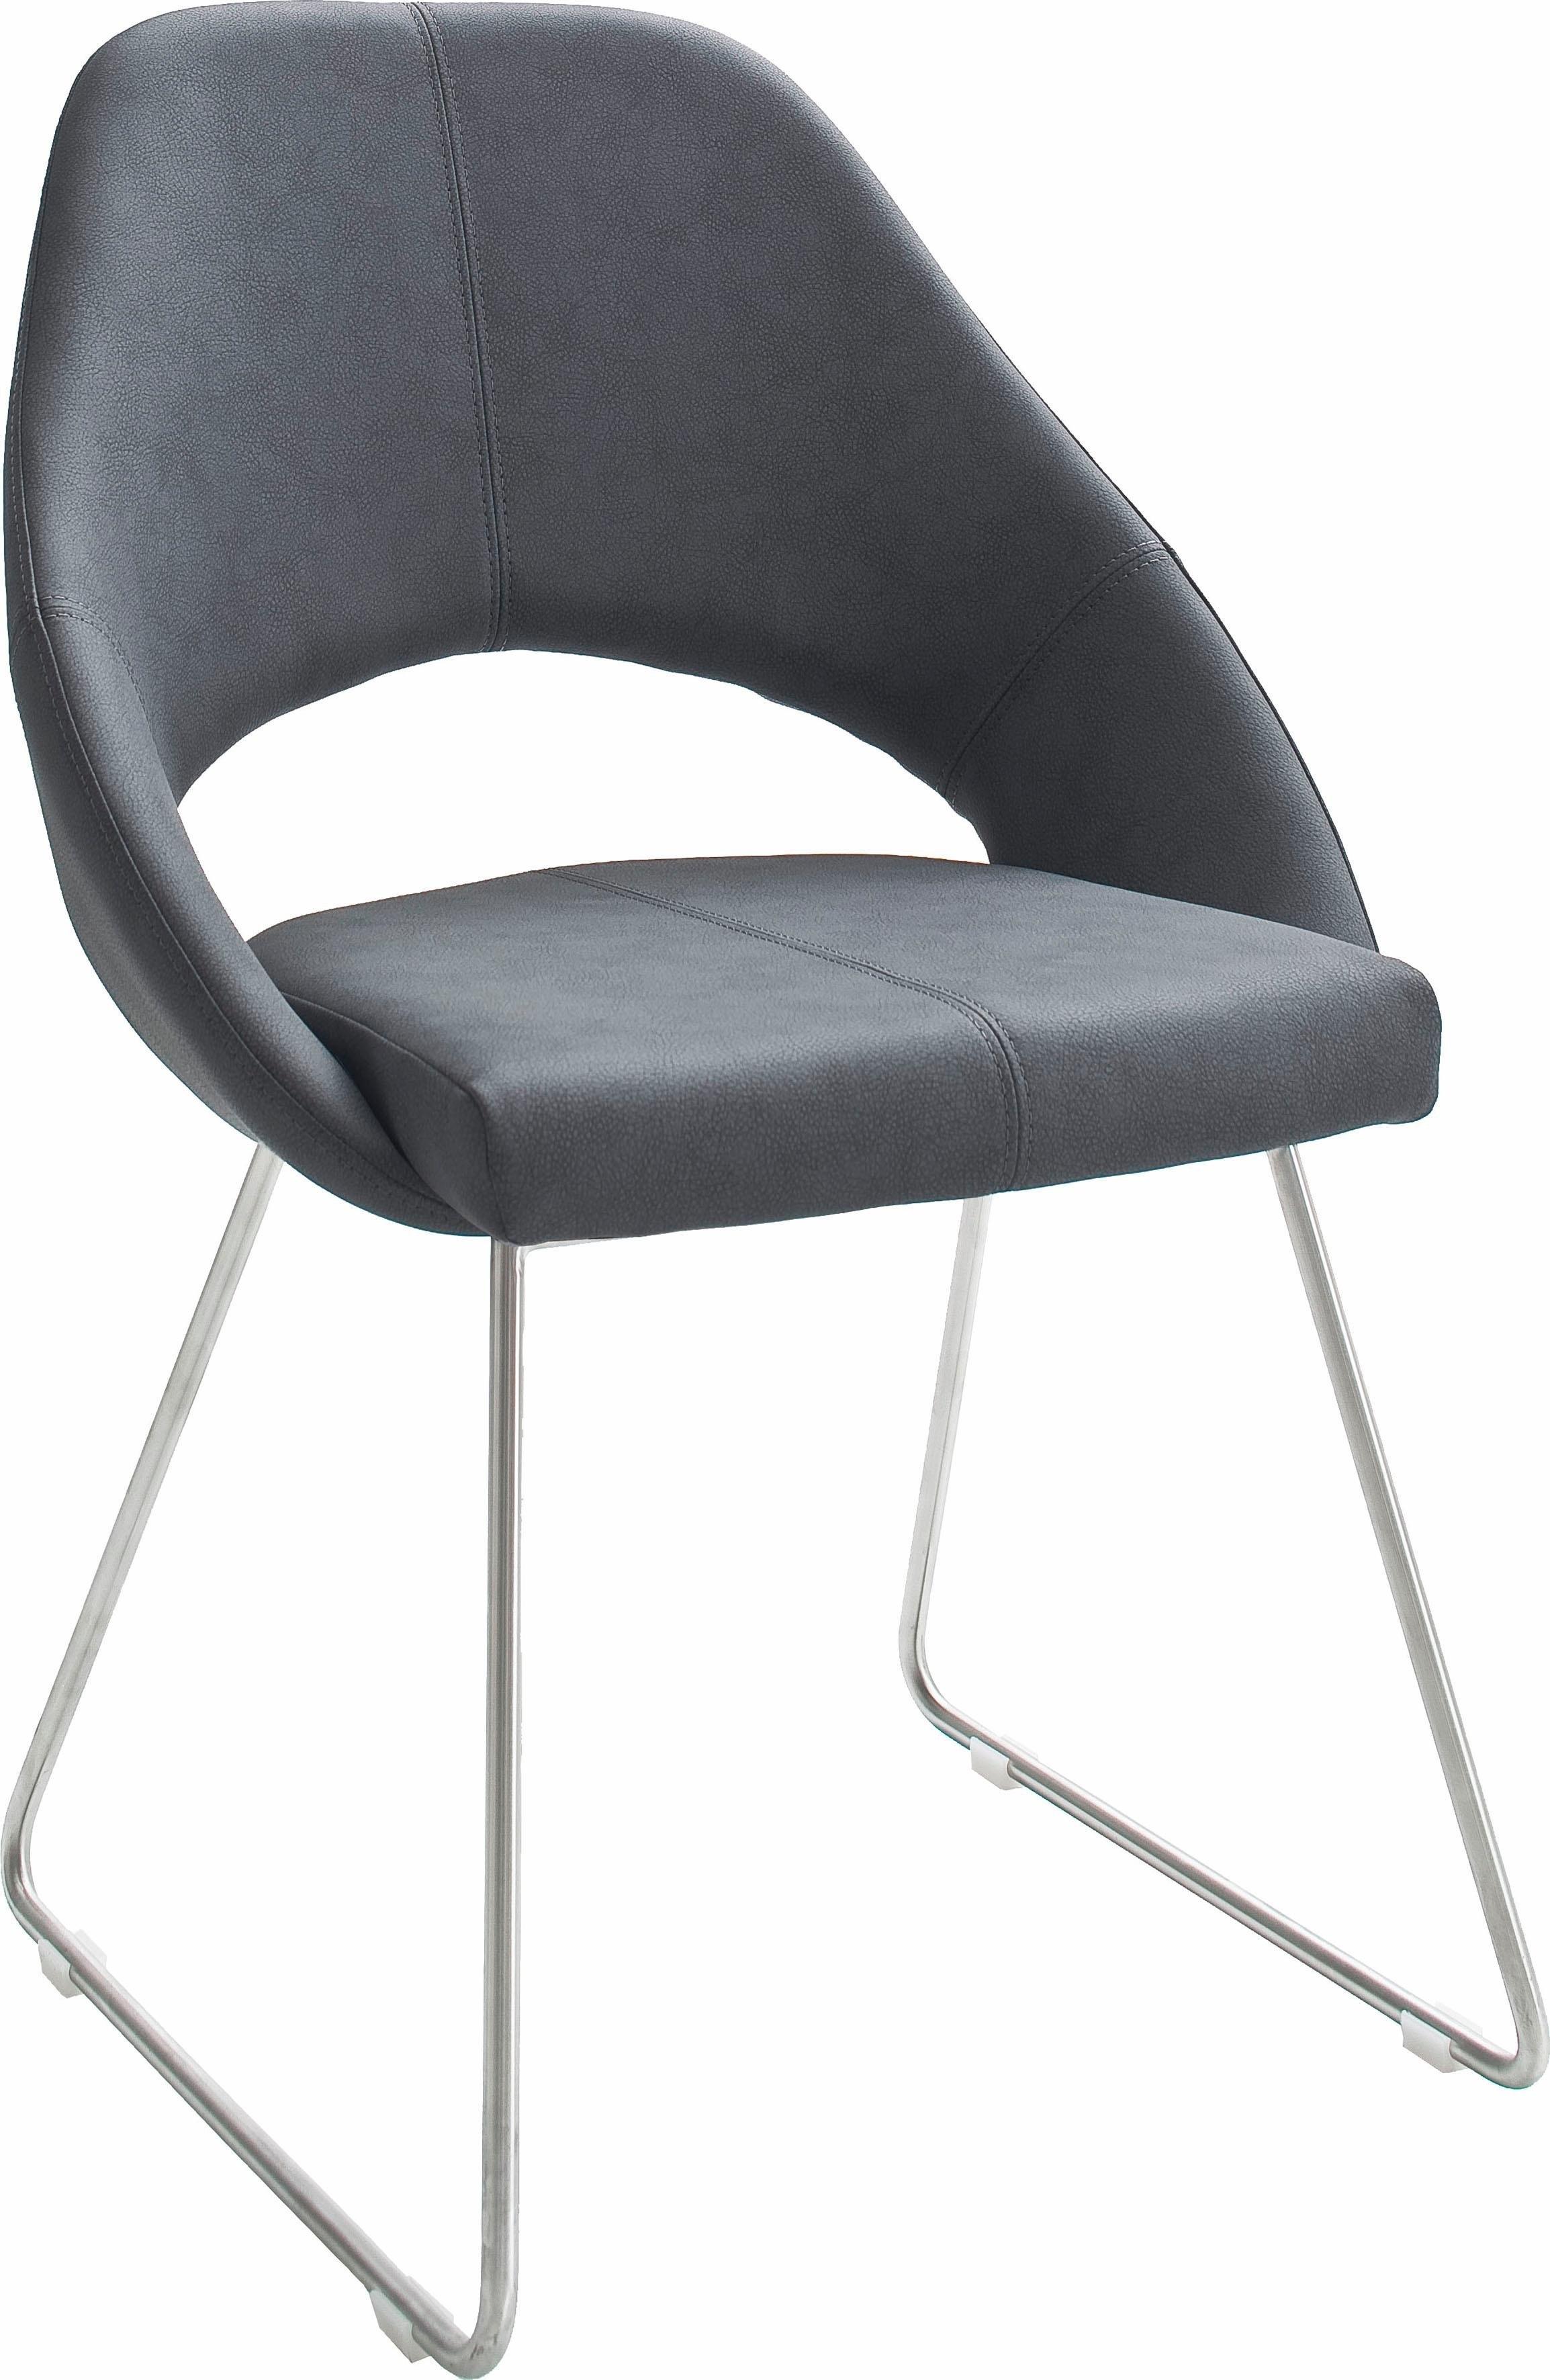 MCA furniture stoel met beugelpoten Dajana Stoel tot 120 Kg belastbaar (set, 2 stuks) nu online bestellen